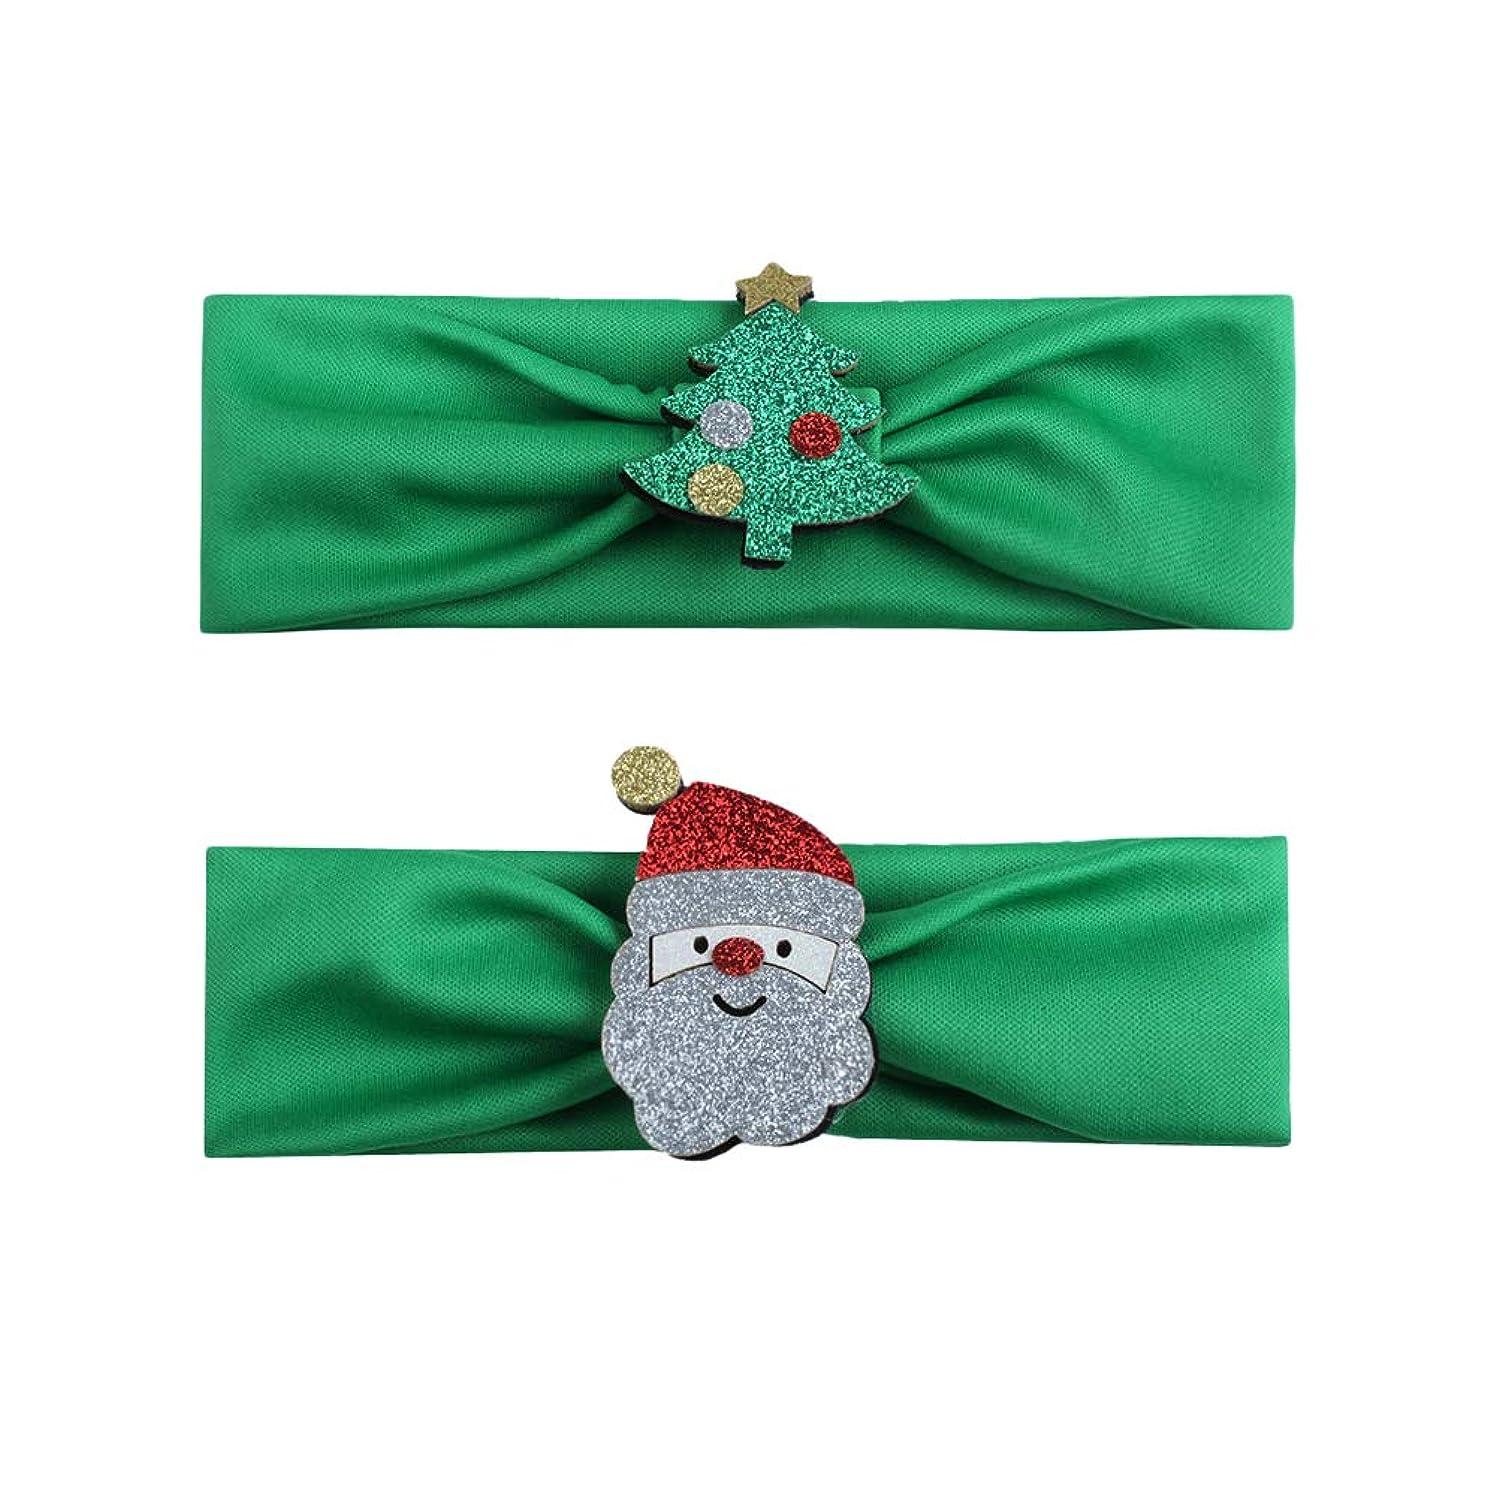 ご飯戦術困惑するBESTOYARD 2本の赤ちゃんの少女クリスマスのヘッドバンド、クリスマスツリーサンタクロースの幼児ヘアバンドアクセサリー(グリーン)